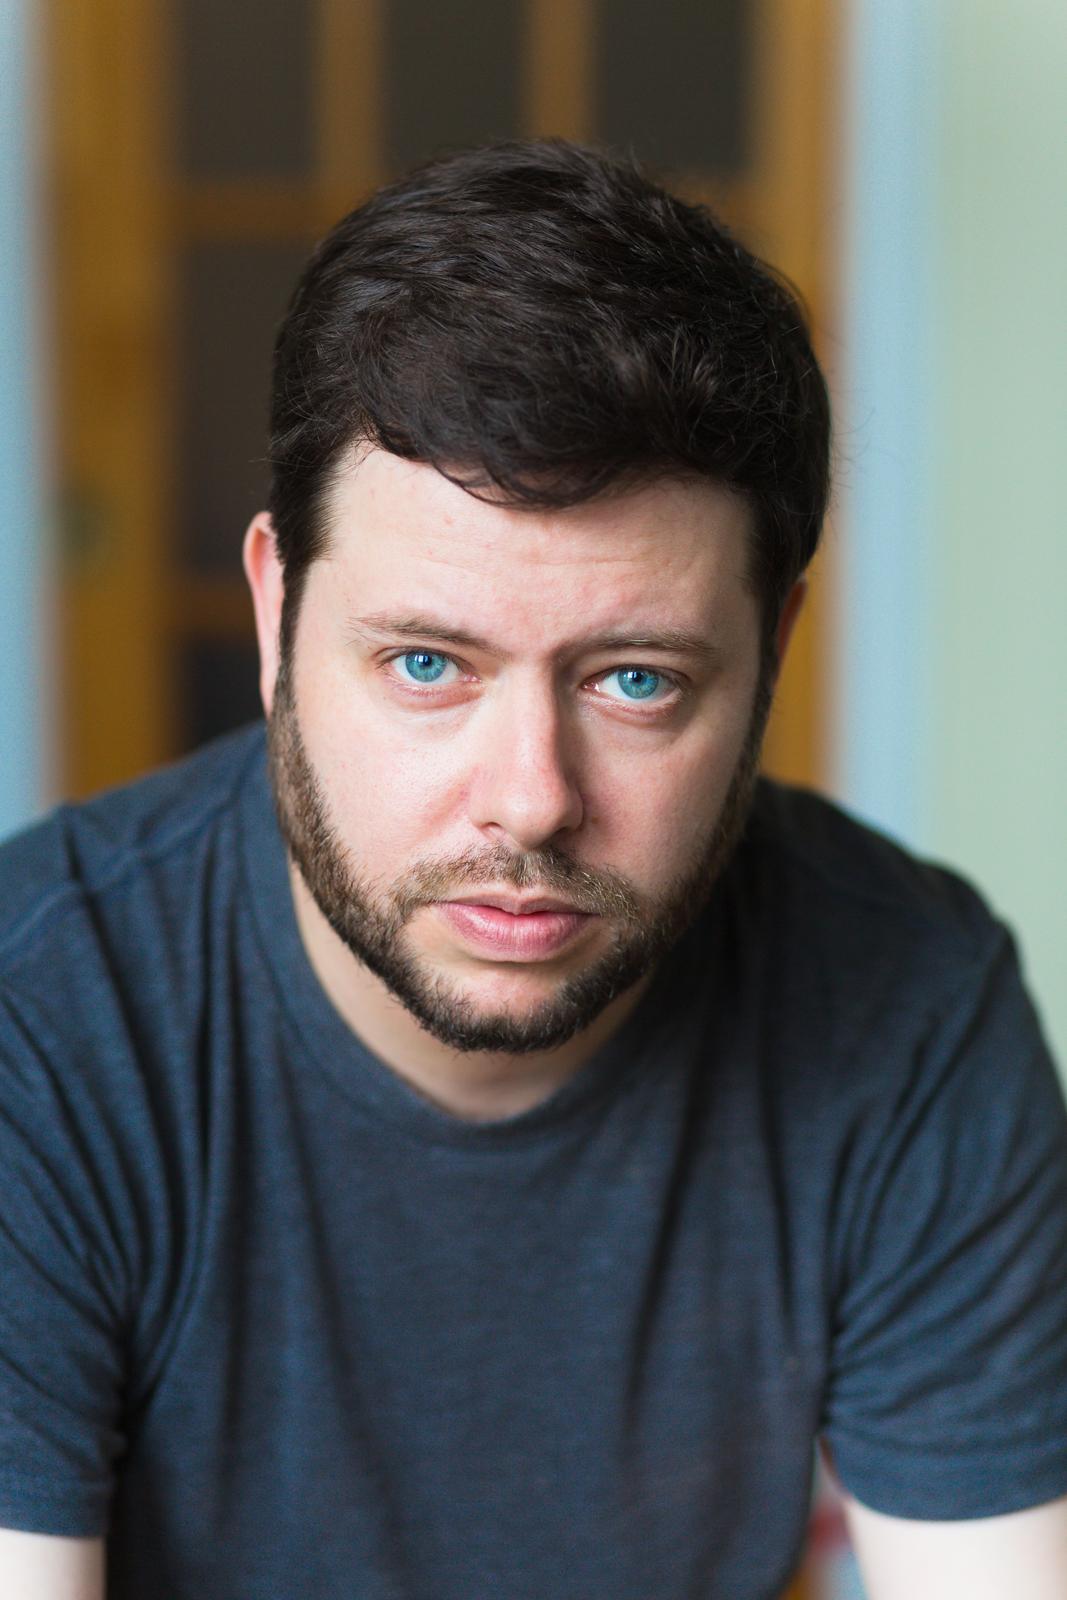 Jonathan Shatzky